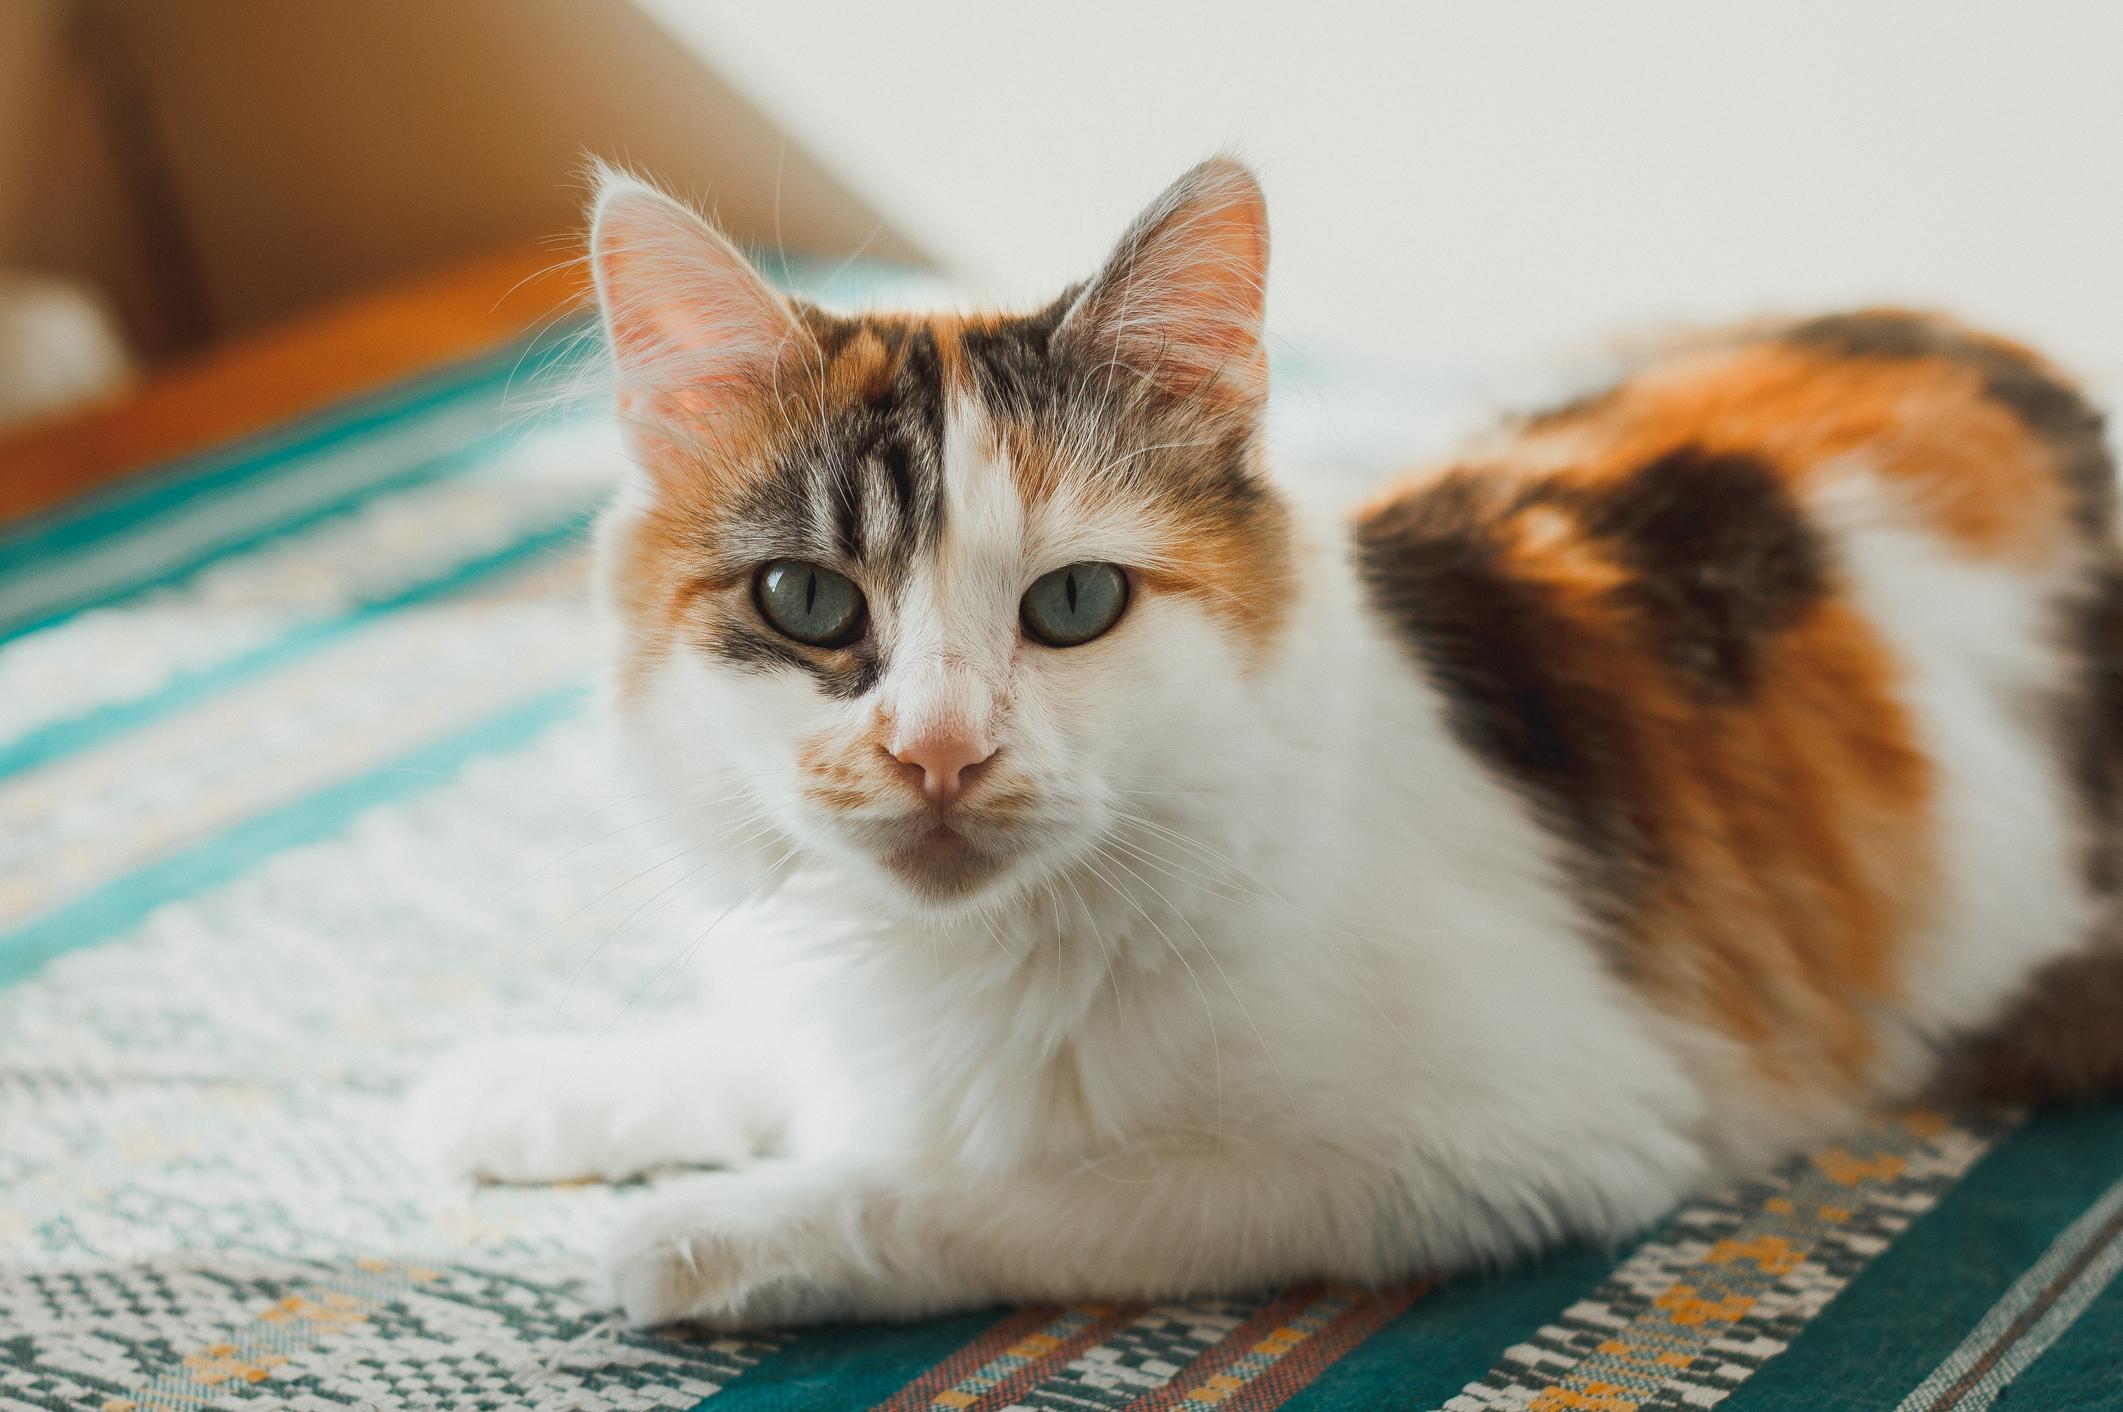 Редкий окрас трехмастной кошки с вкраплениями камышовой масти